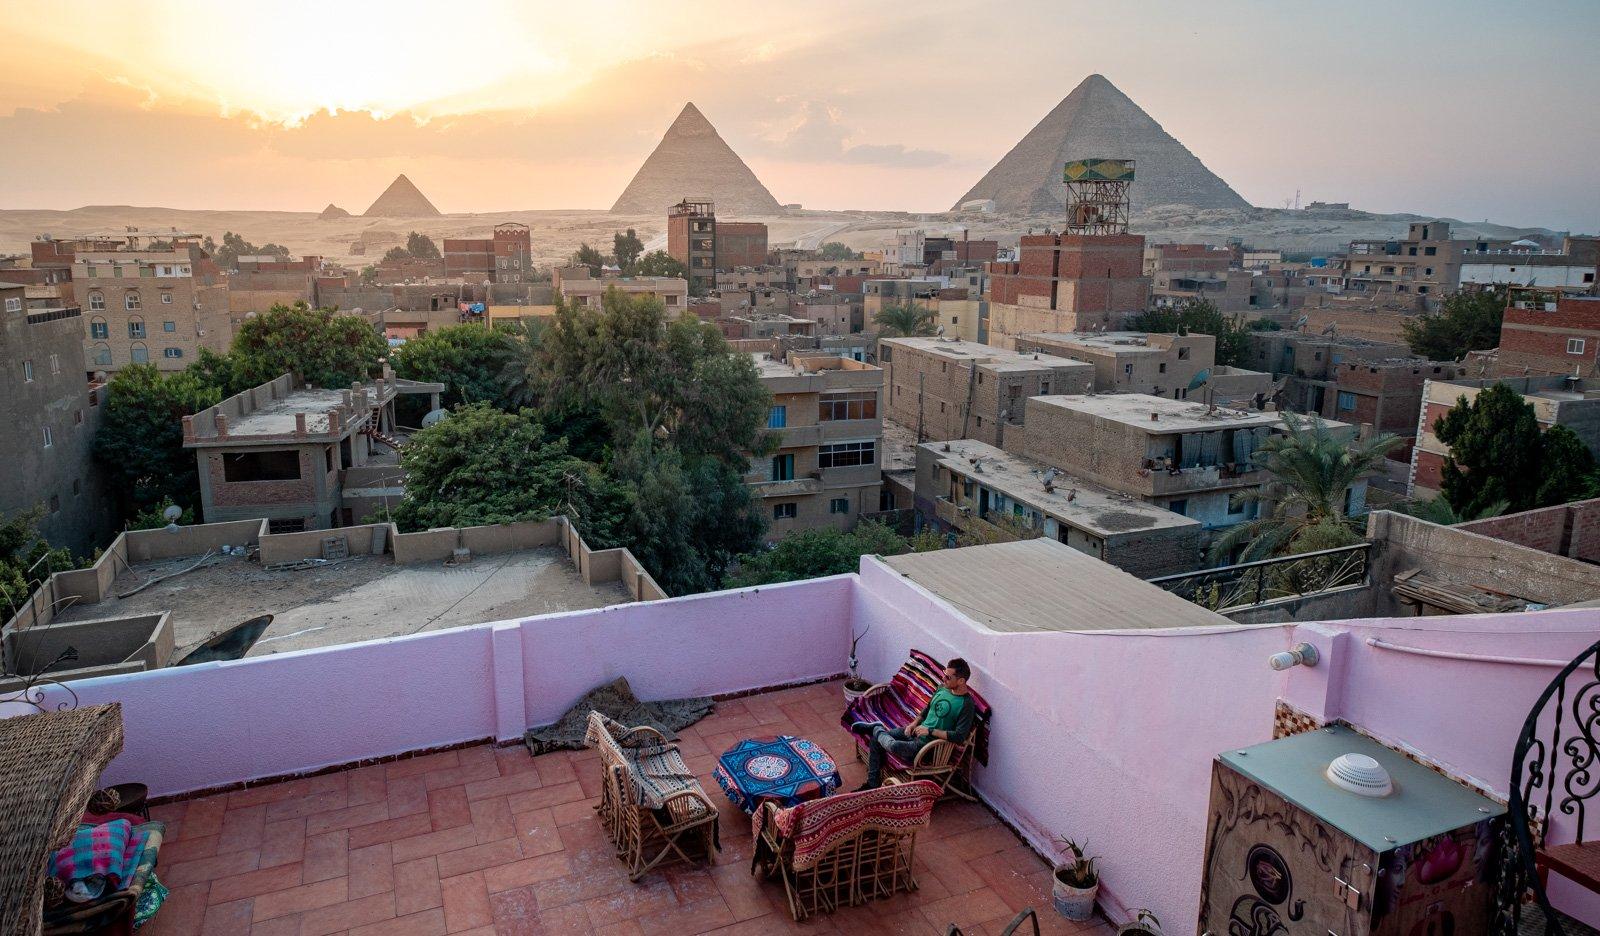 Balcón de un hotel local de El Cairo con vista piramidal en Egipto